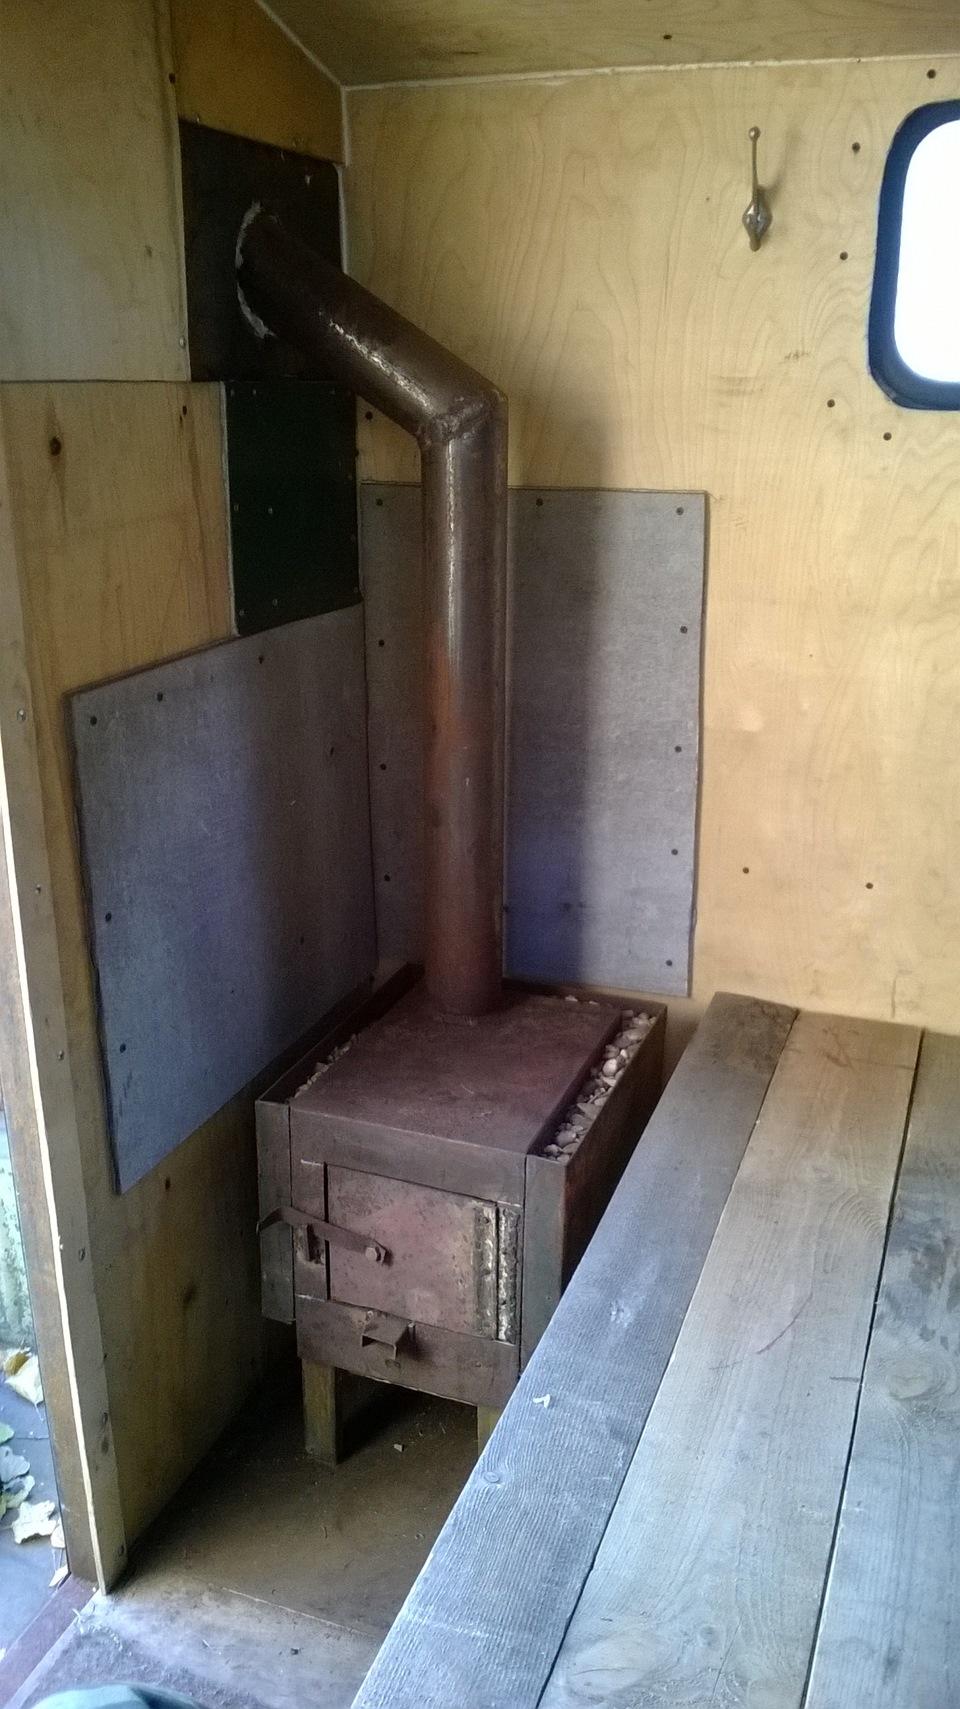 участке печка в кунге фото последних снимков